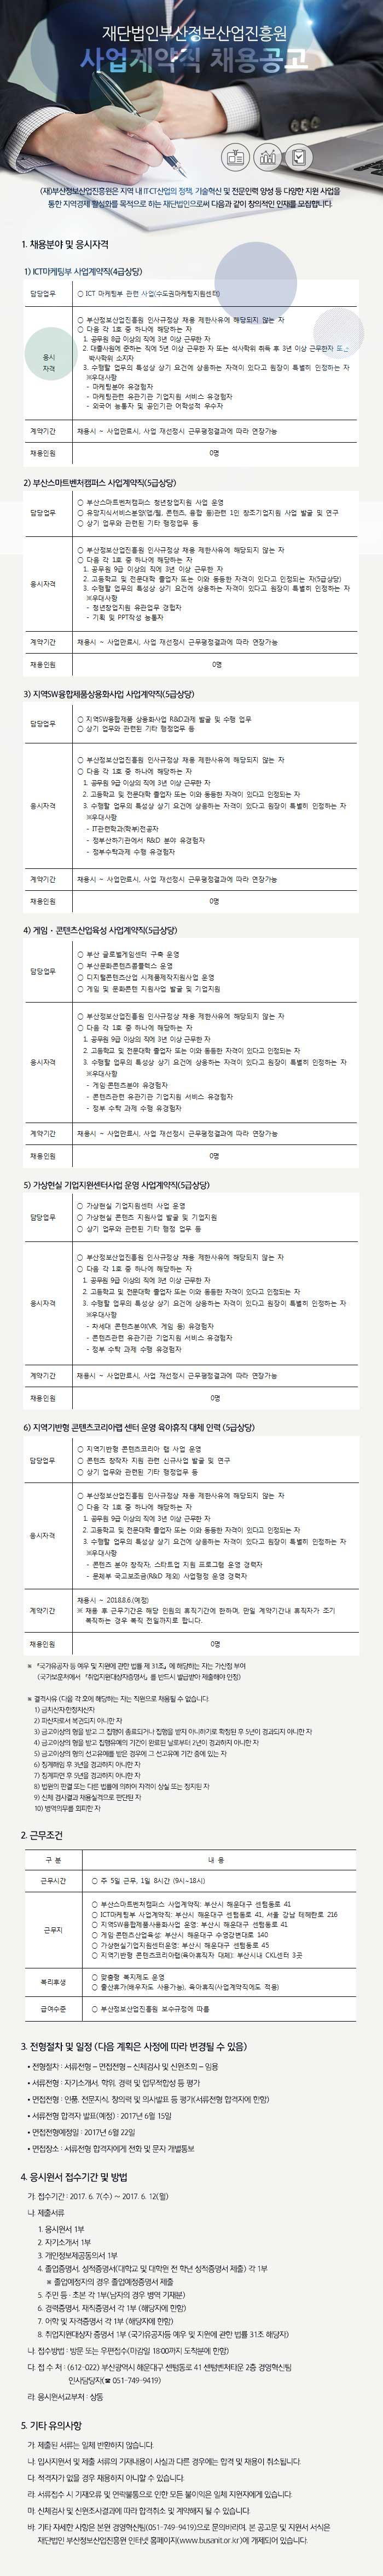 재단법인부산정보산업진흥원 사업계약직 채용공고